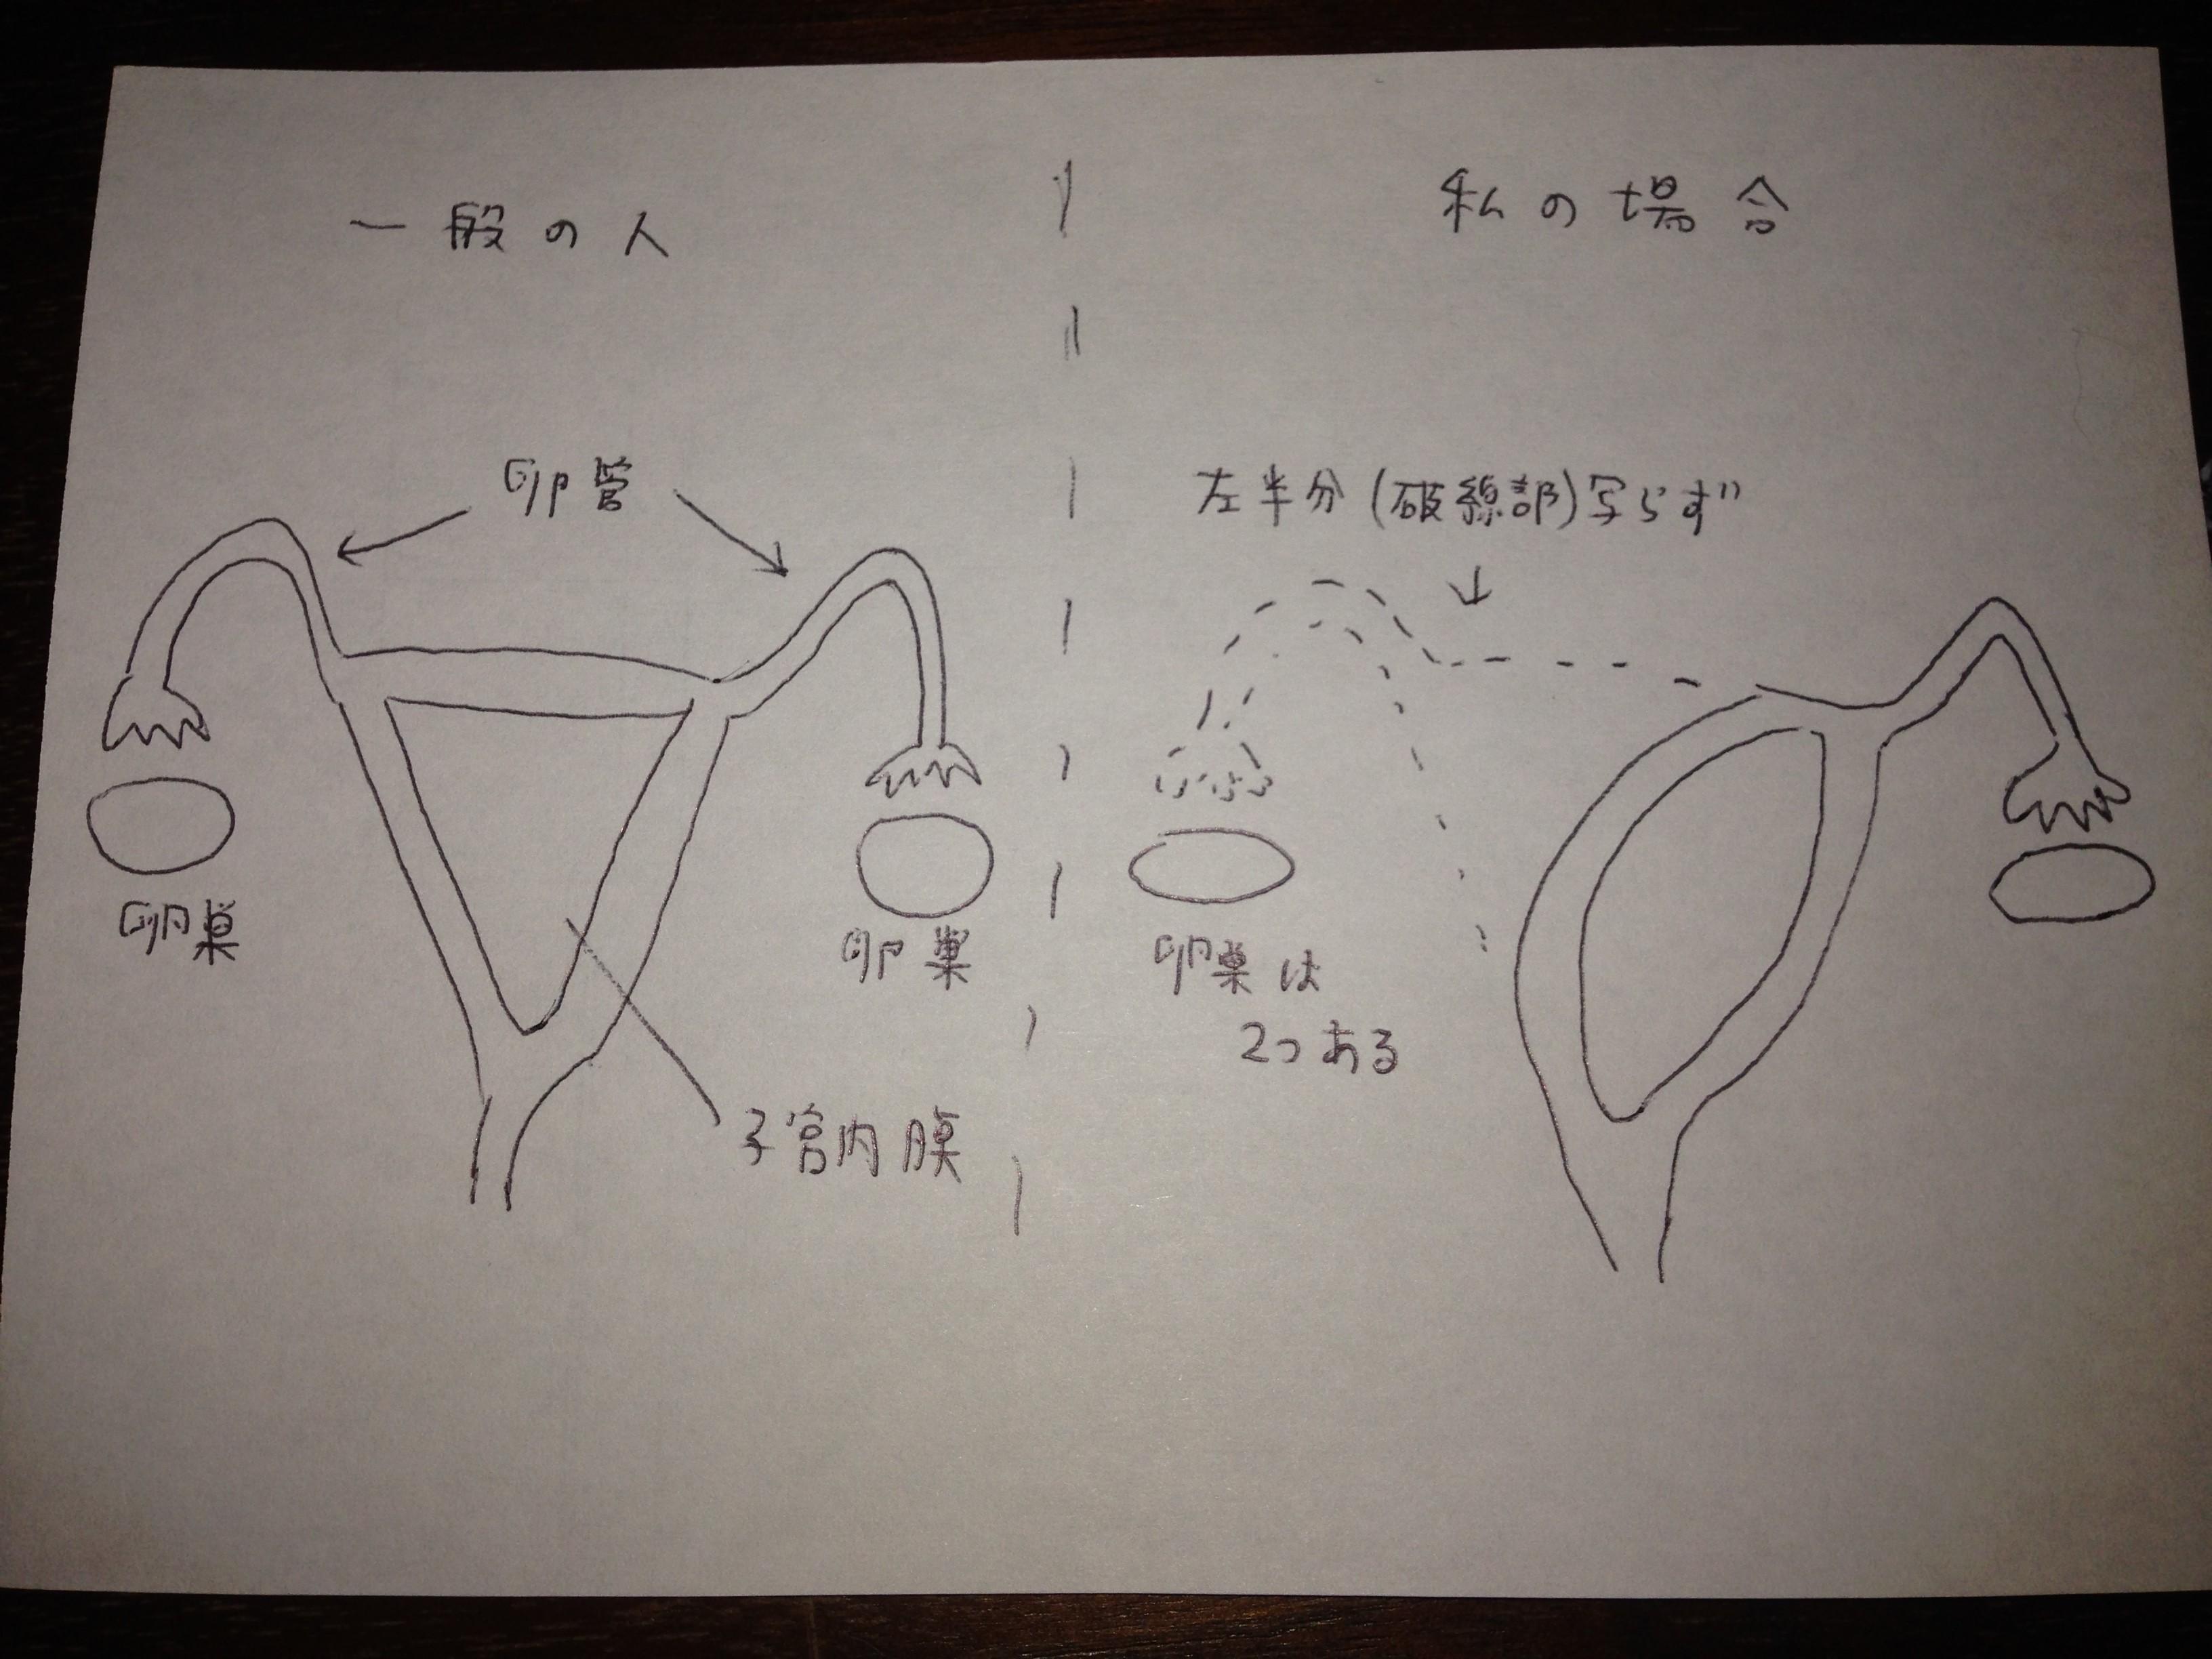 検査 造影 卵 管